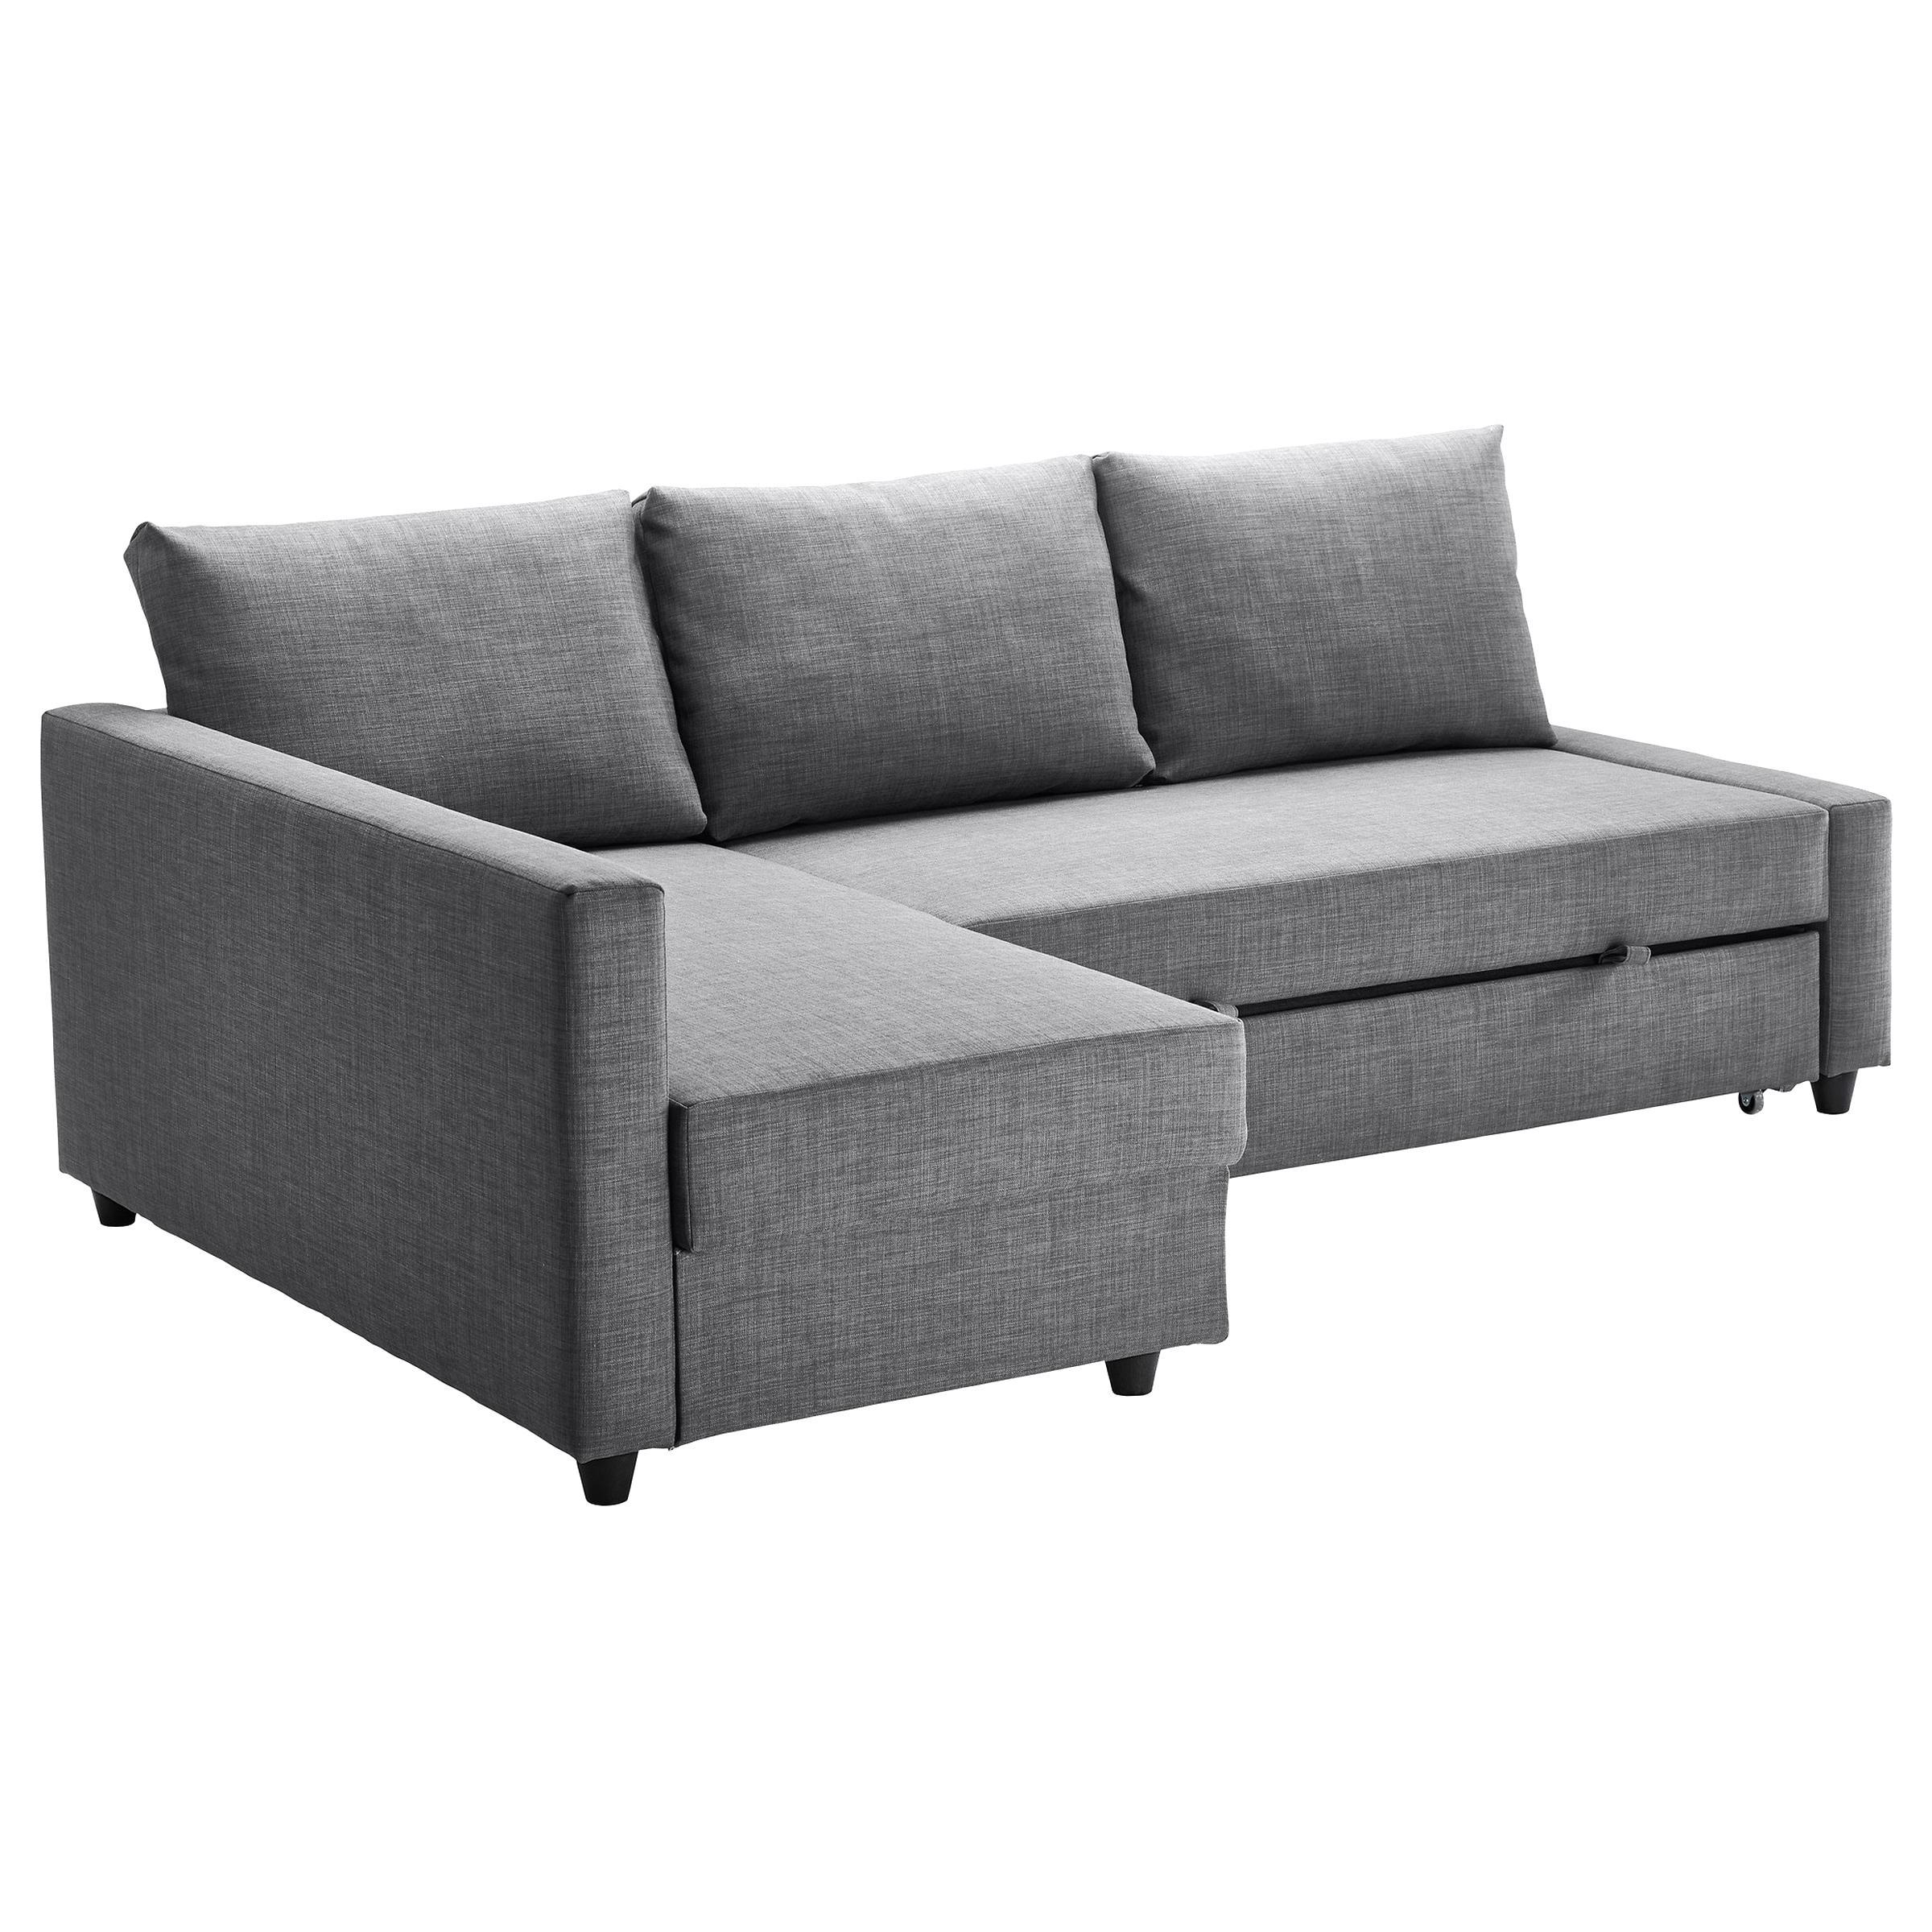 Ikea Sofa gebraucht kaufen! 4 St. bis -60% günstiger